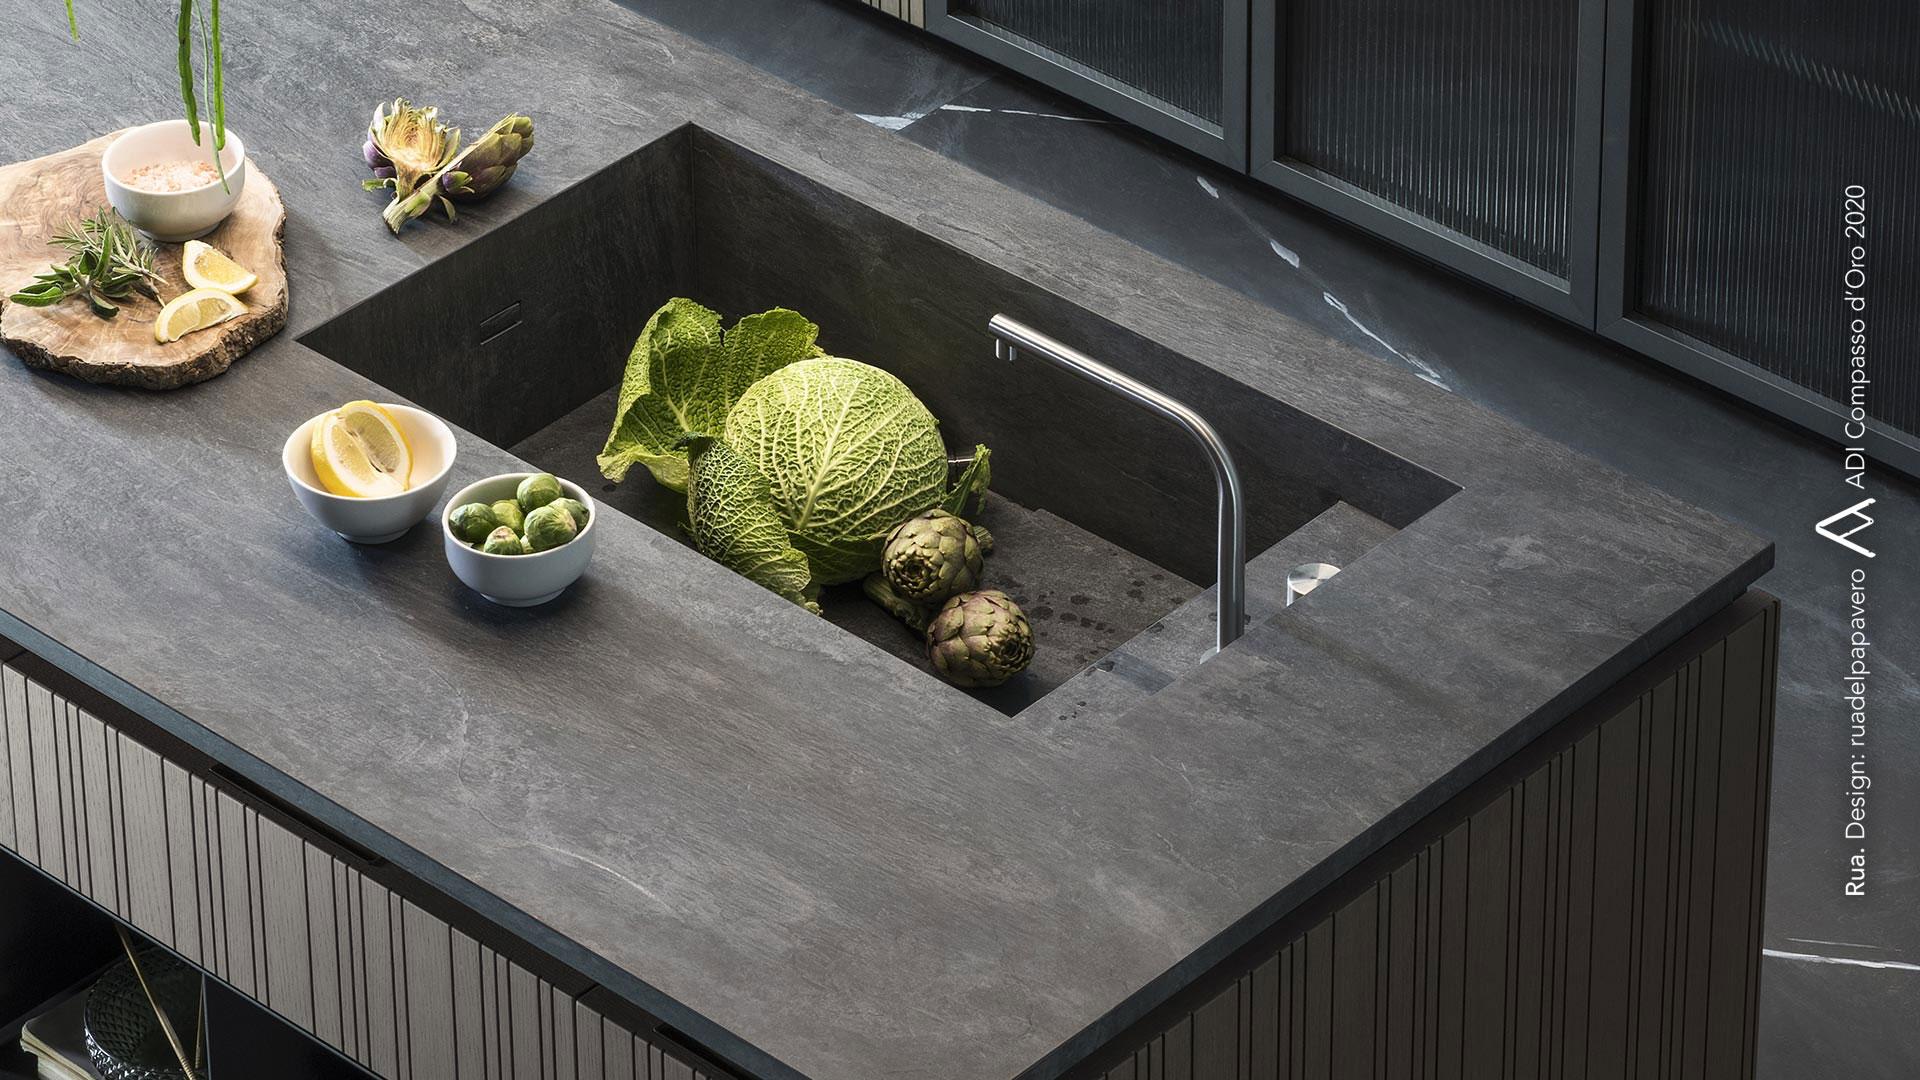 Cucina con isola e cucina il legno collezione RUA - collezione_rua-005